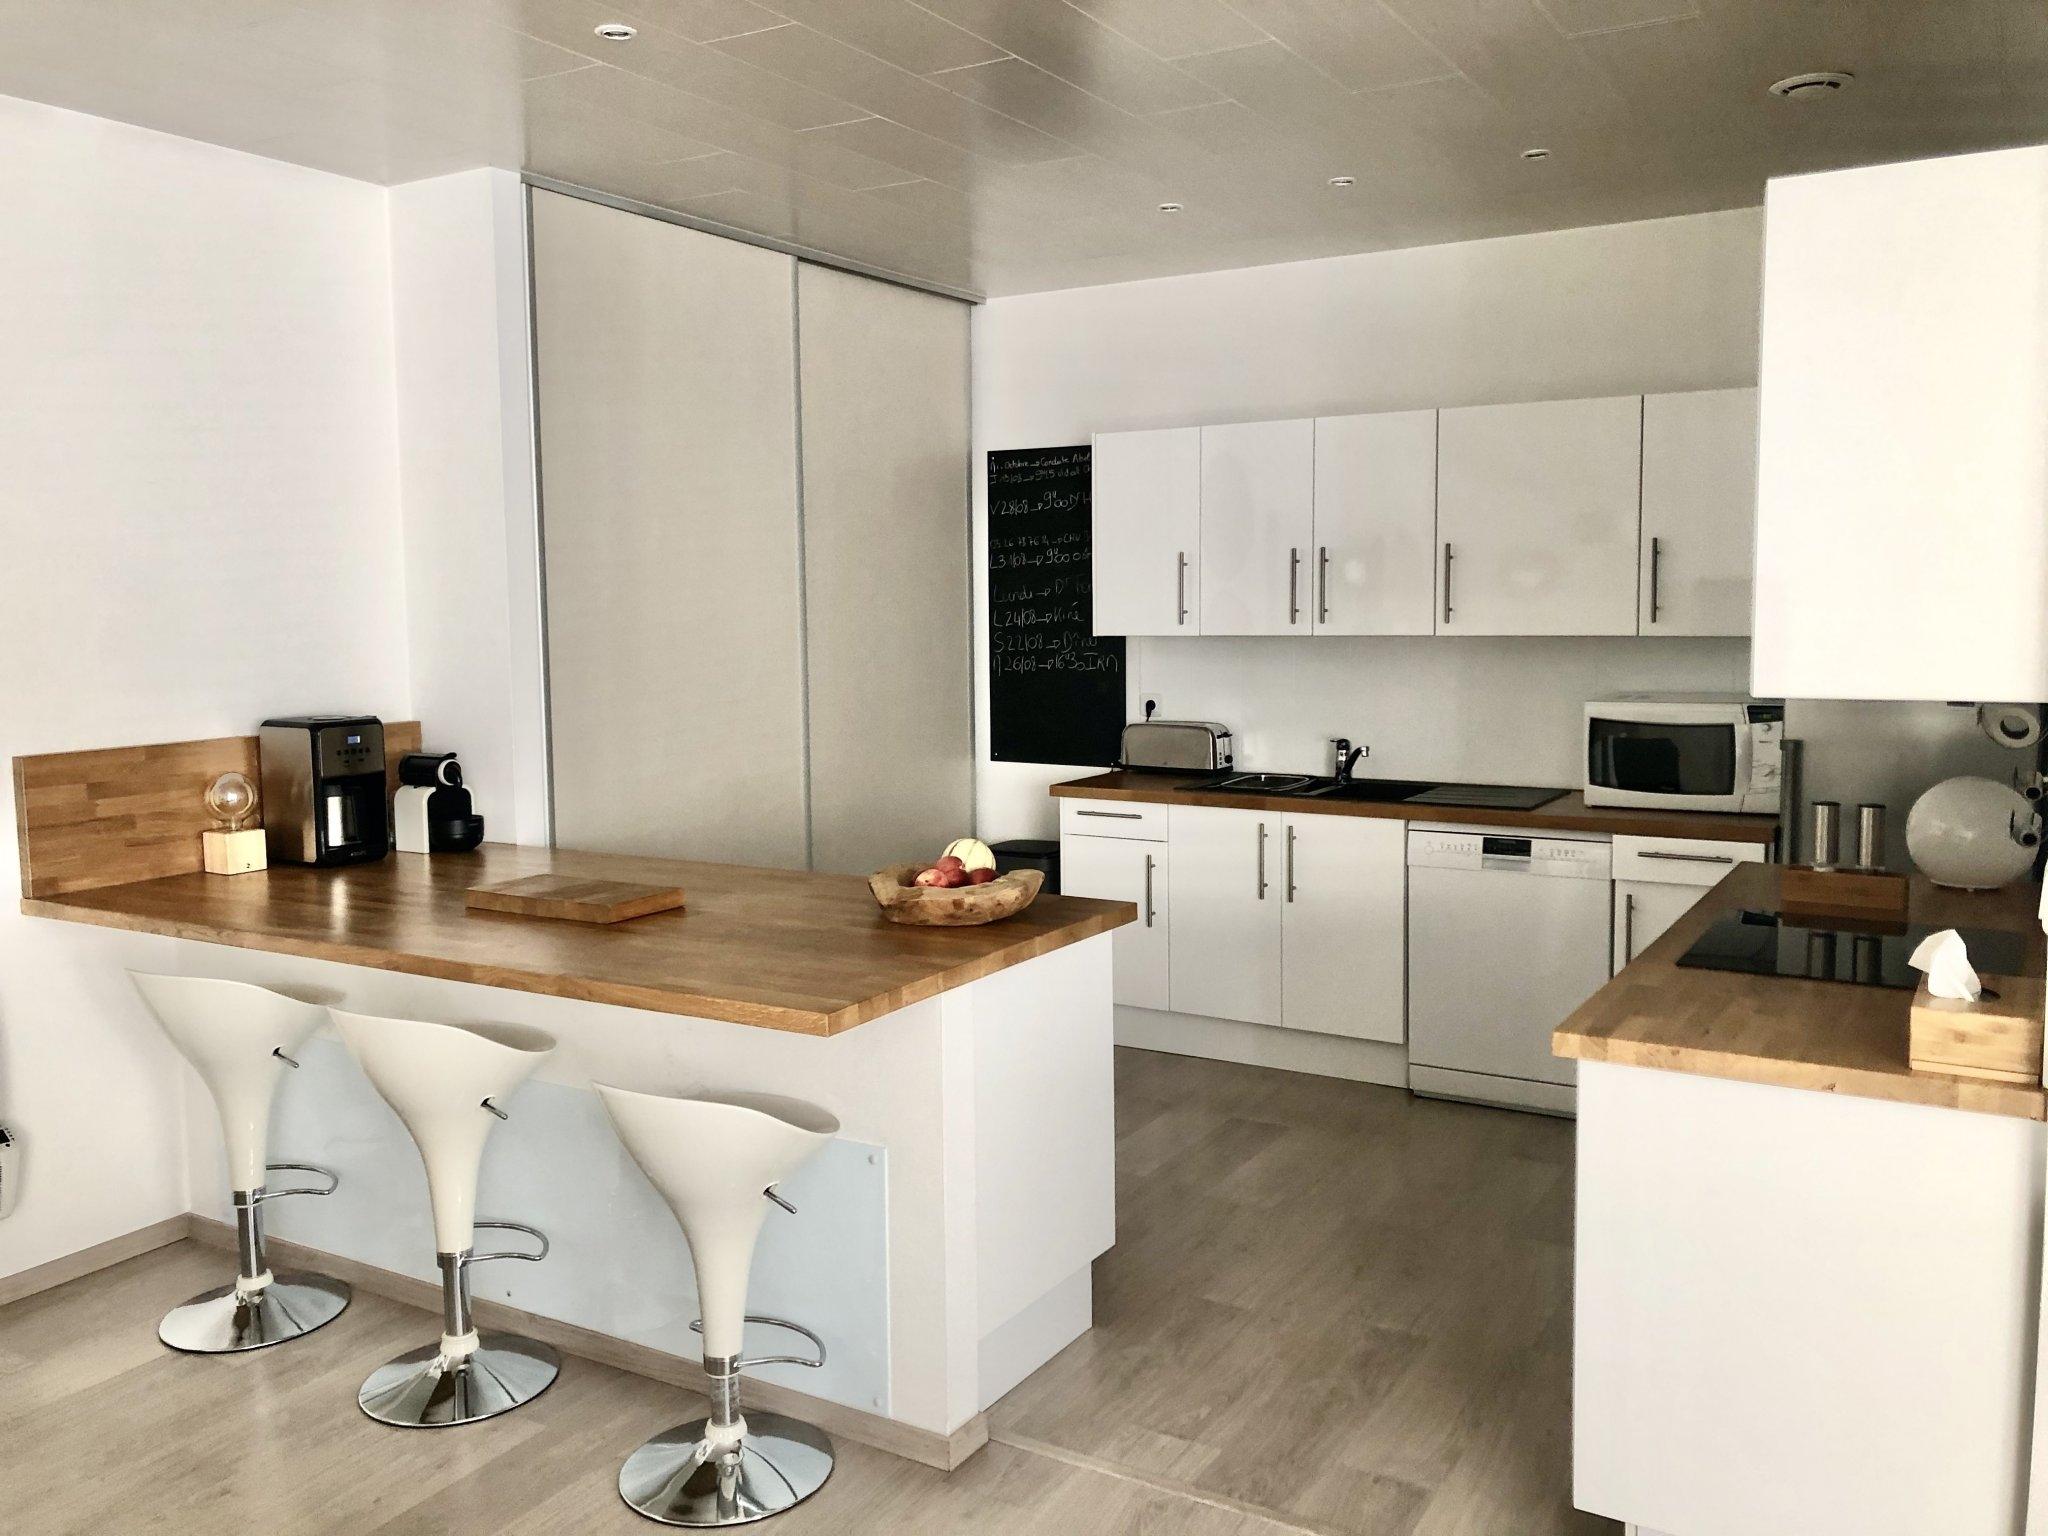 Appartement Reims 5 Pièces 179 m2 - 3